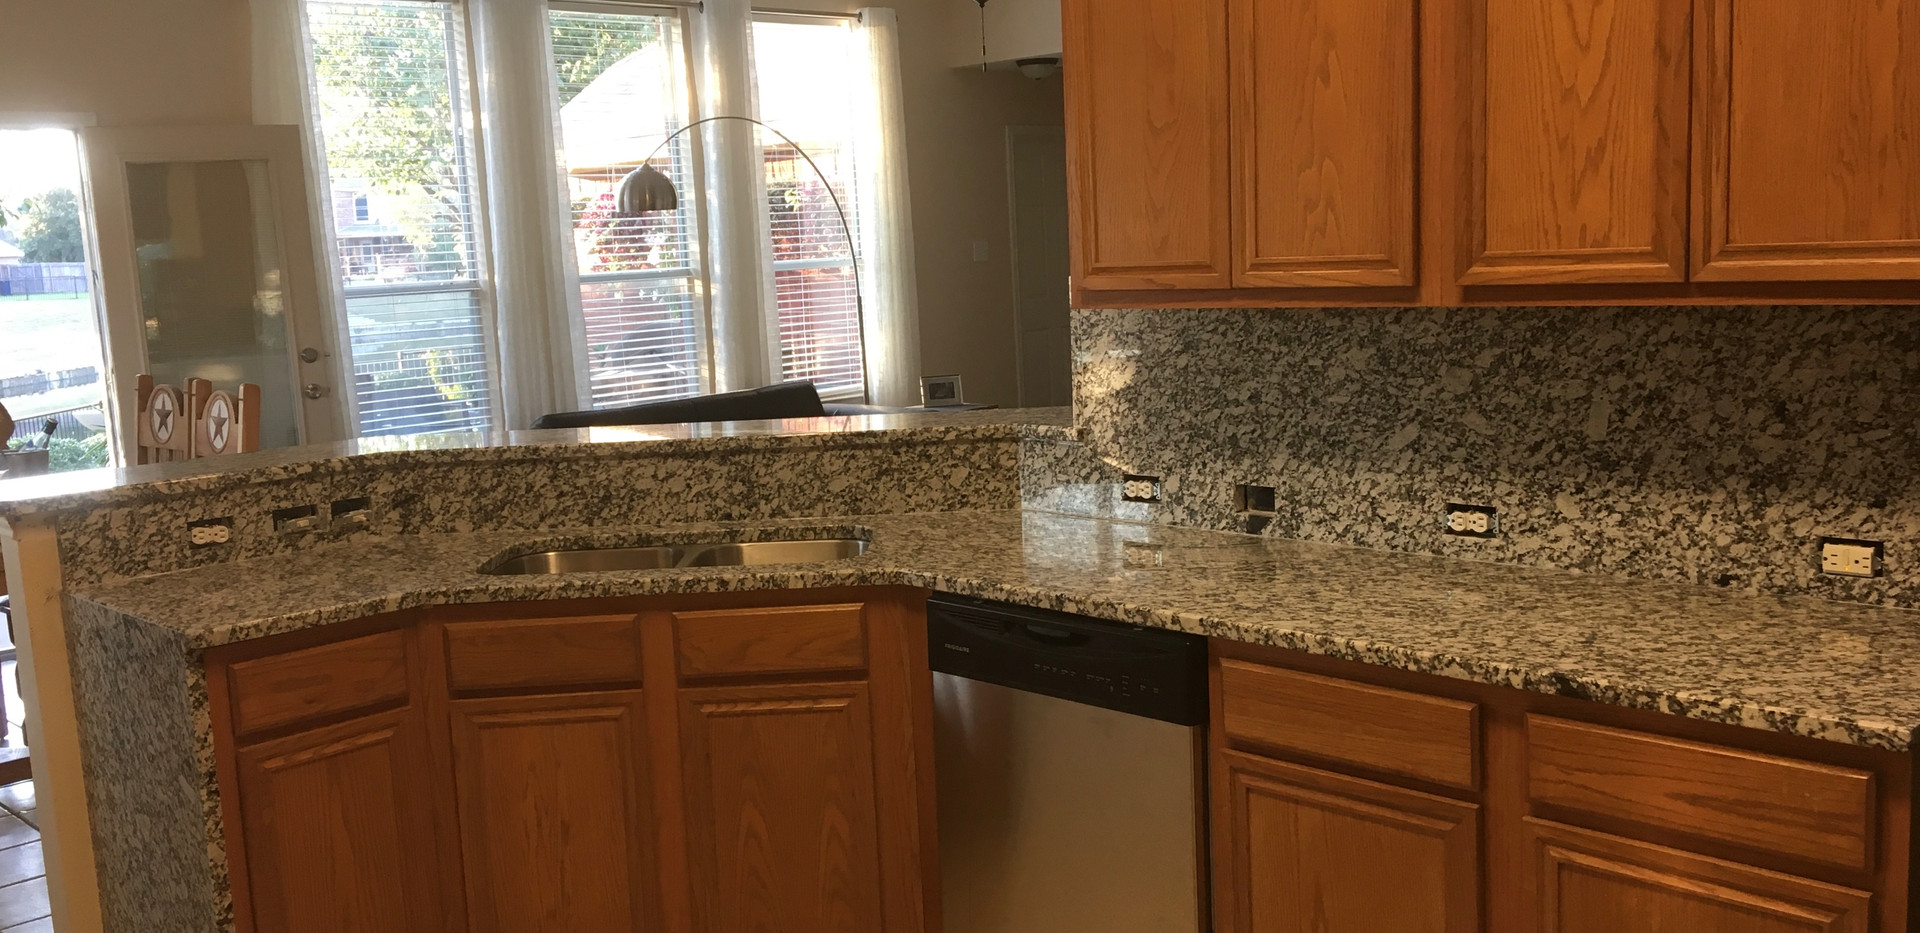 granite_waterfall_kitchen_countertop.jpg